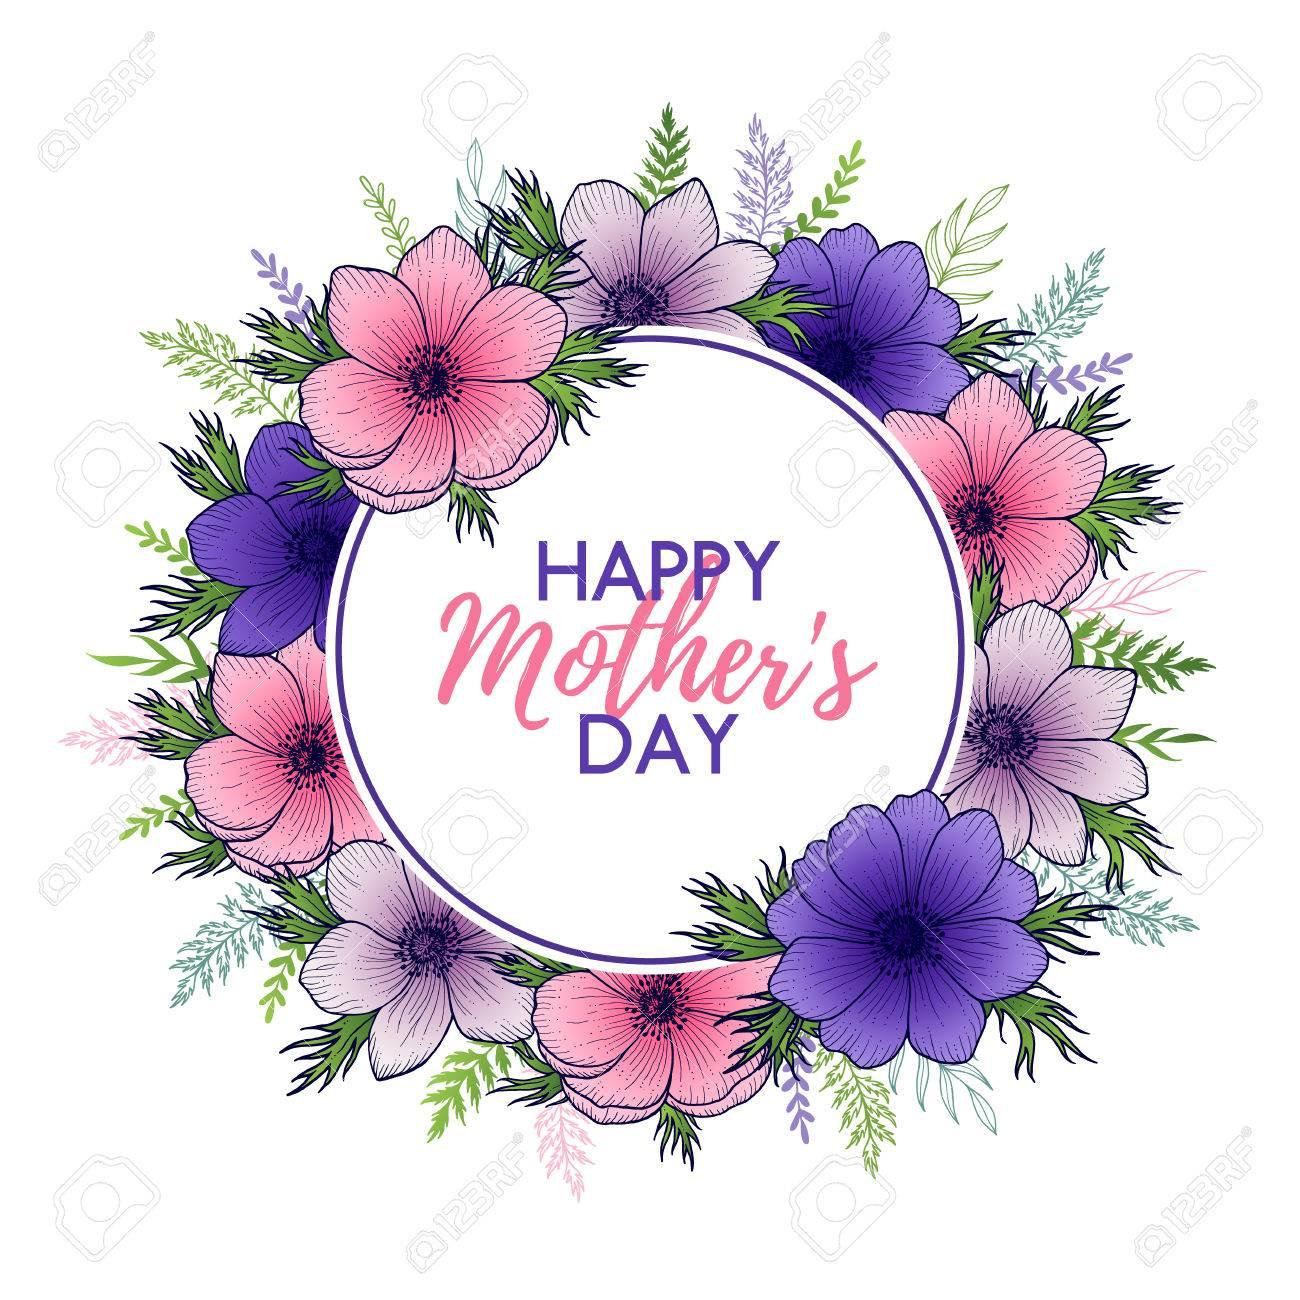 Feliz Día De La Madre Letras Con El Marco Floral Redondo Con Las ...